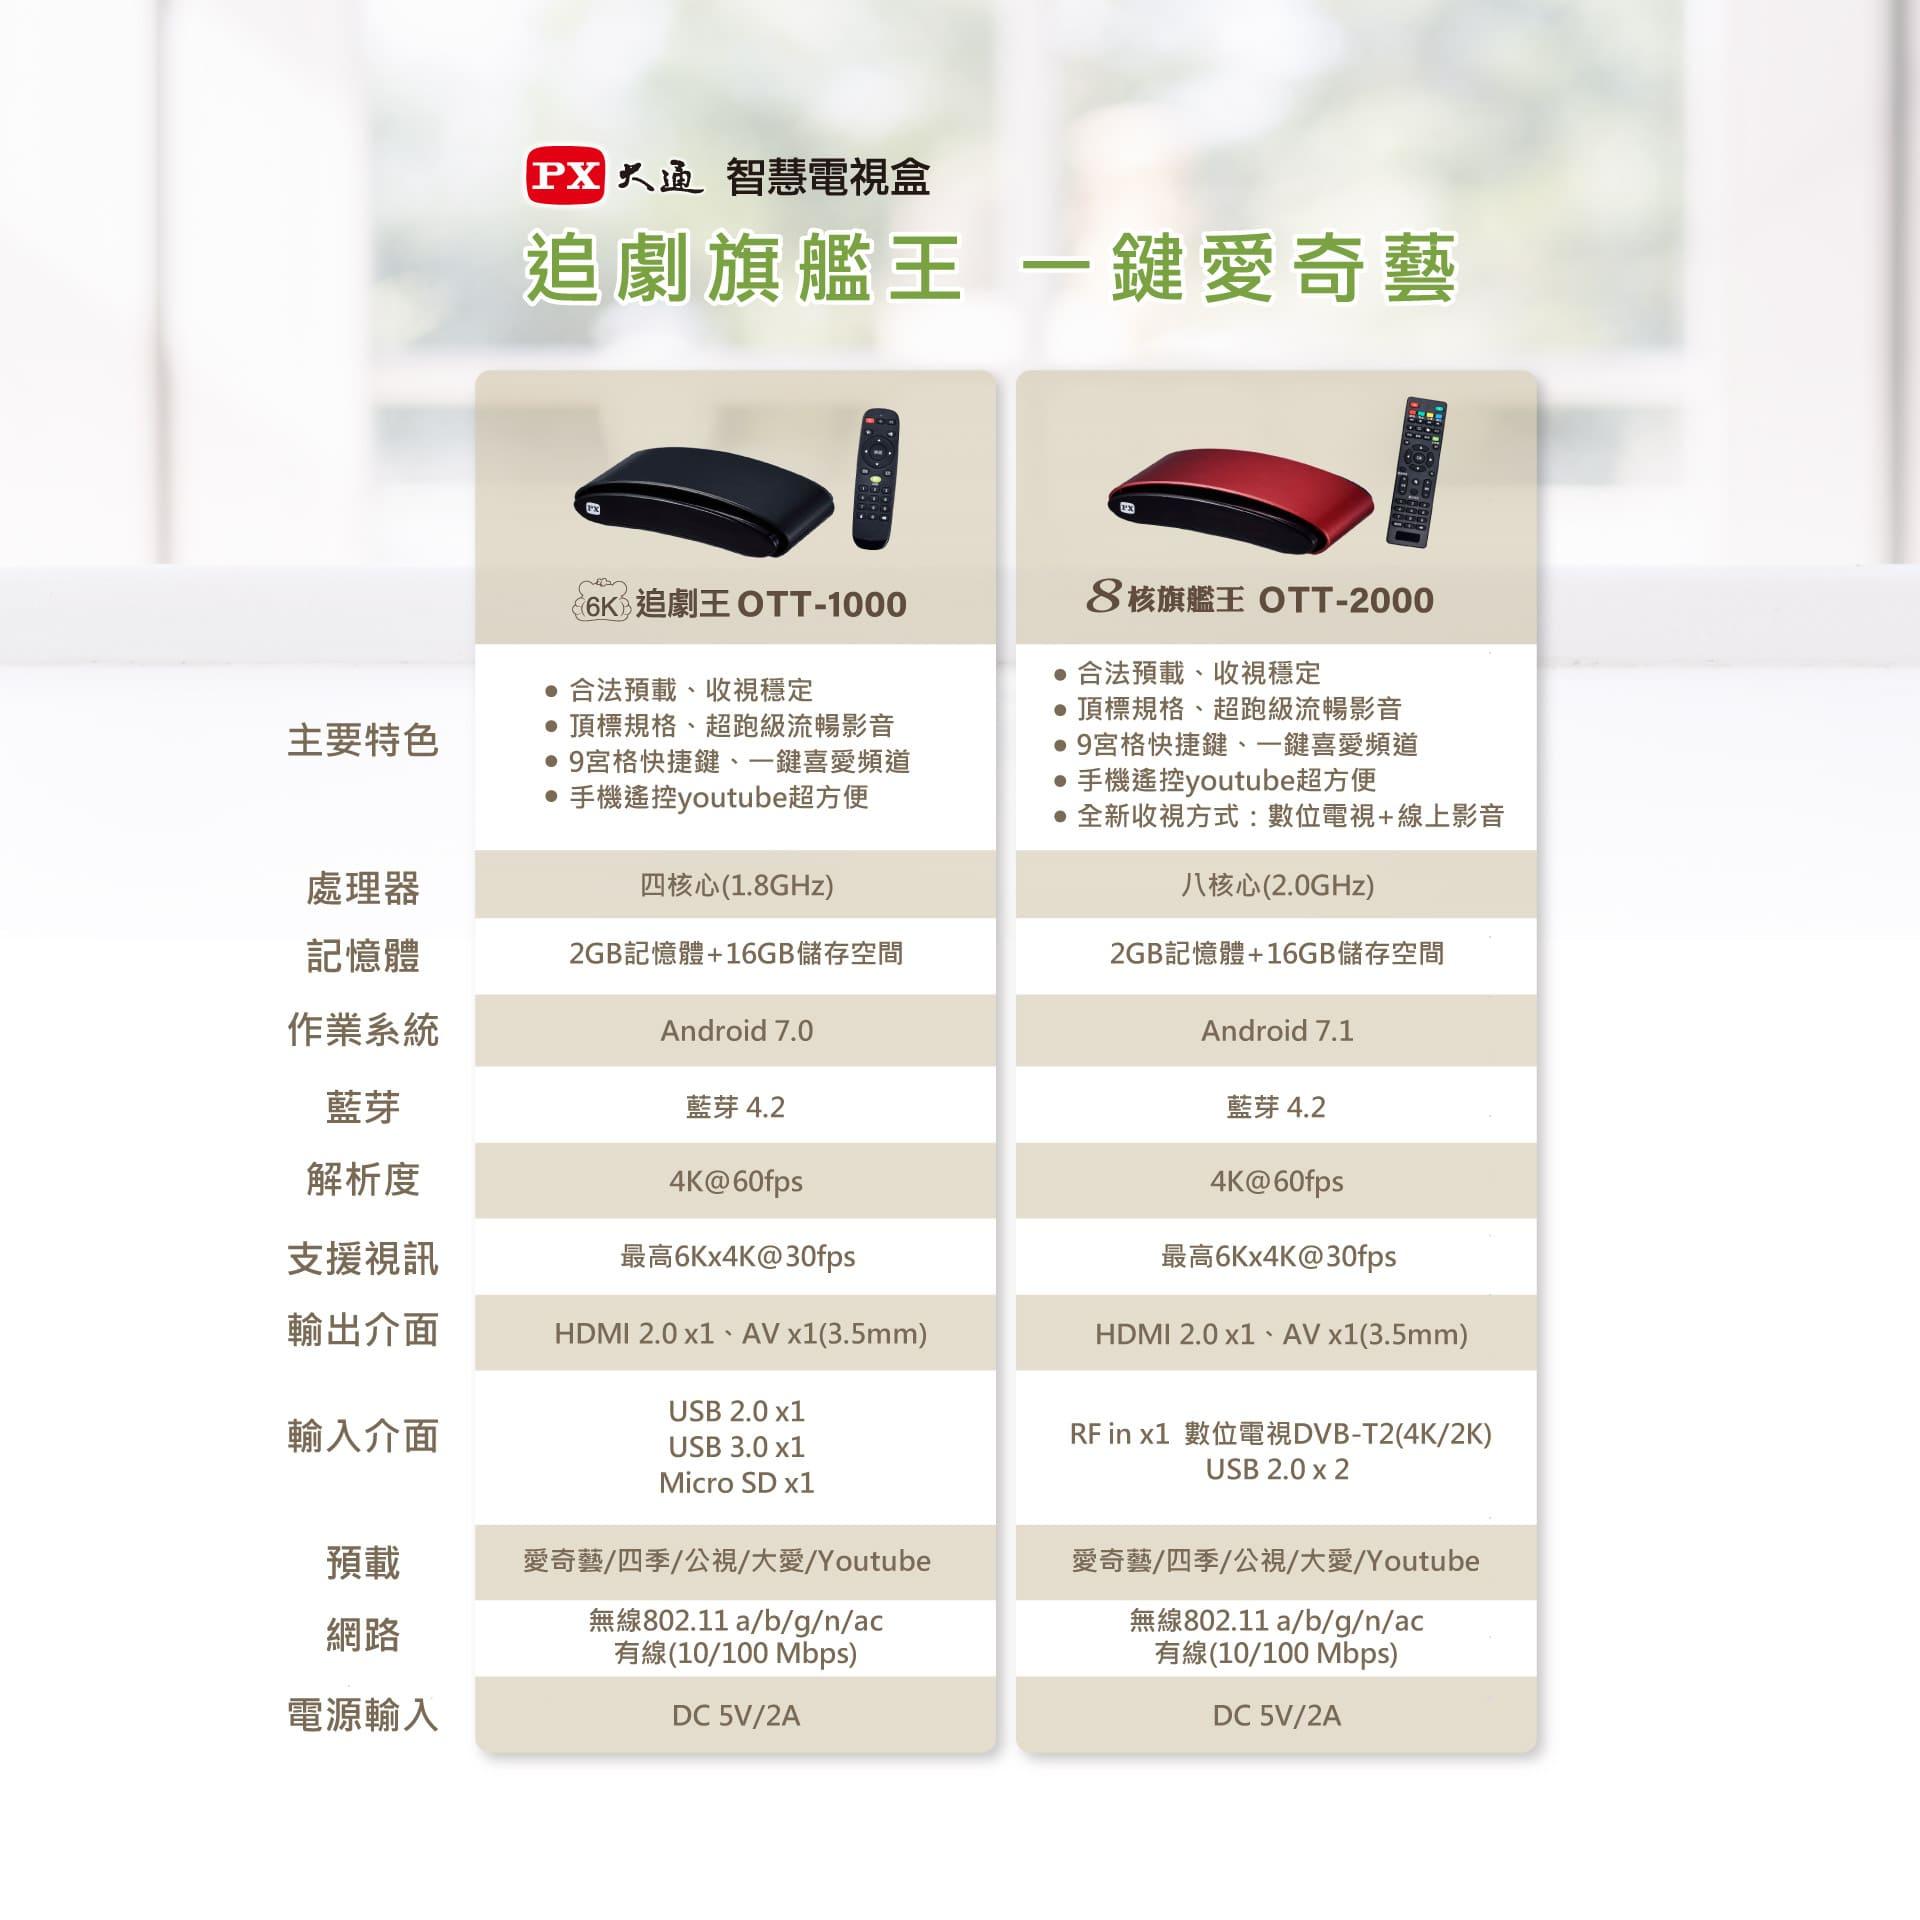 proimages/product/OTT/OTT-2000/OTT-2000-23.jpg